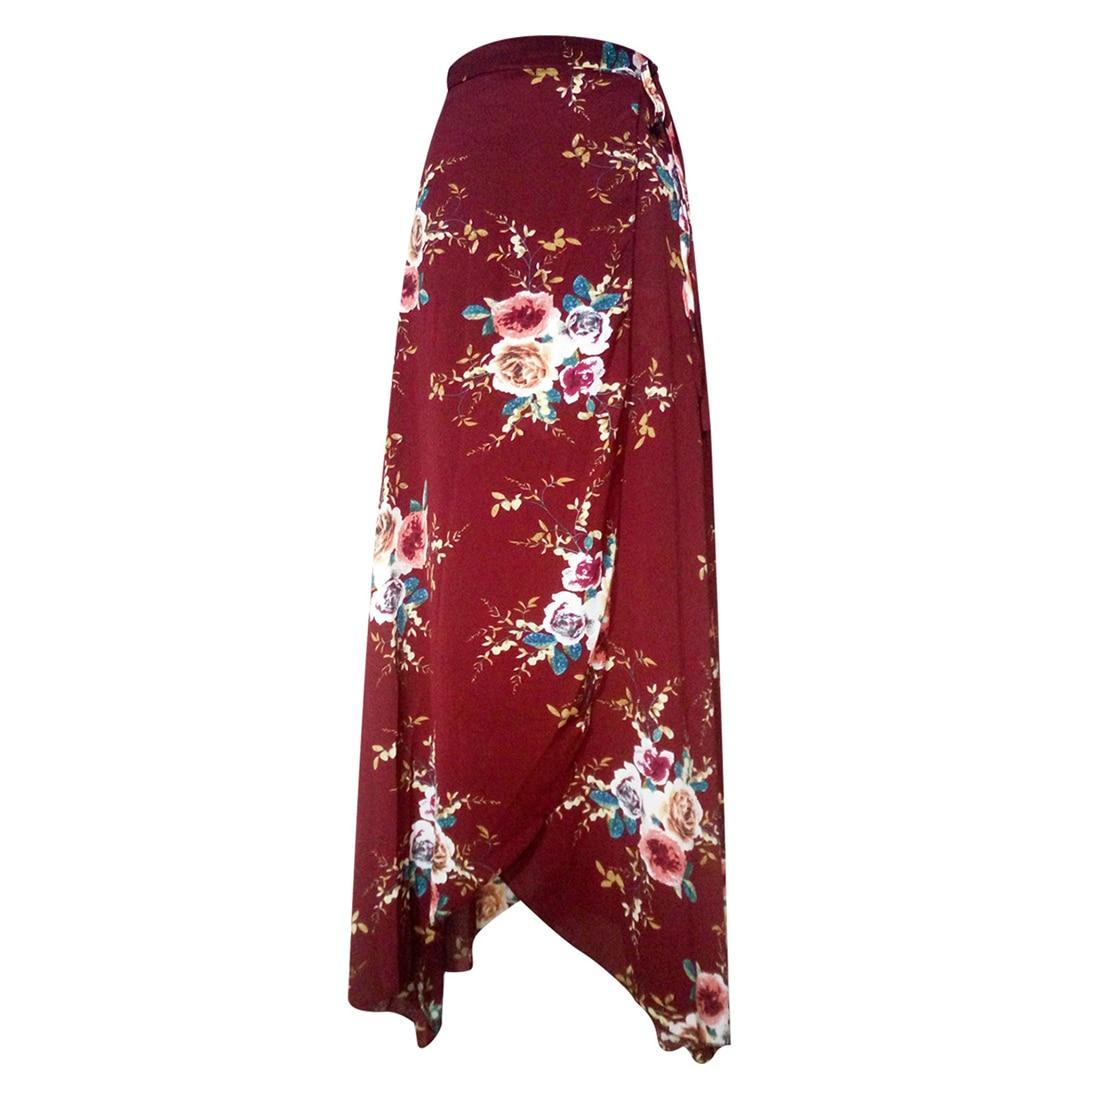 JIMMYHANK 2017 Summer Women High Waist Lace Up Spilt Irregular Floral Printed Chiffon Bohemian Maxi Skirt in Skirts from Women 39 s Clothing